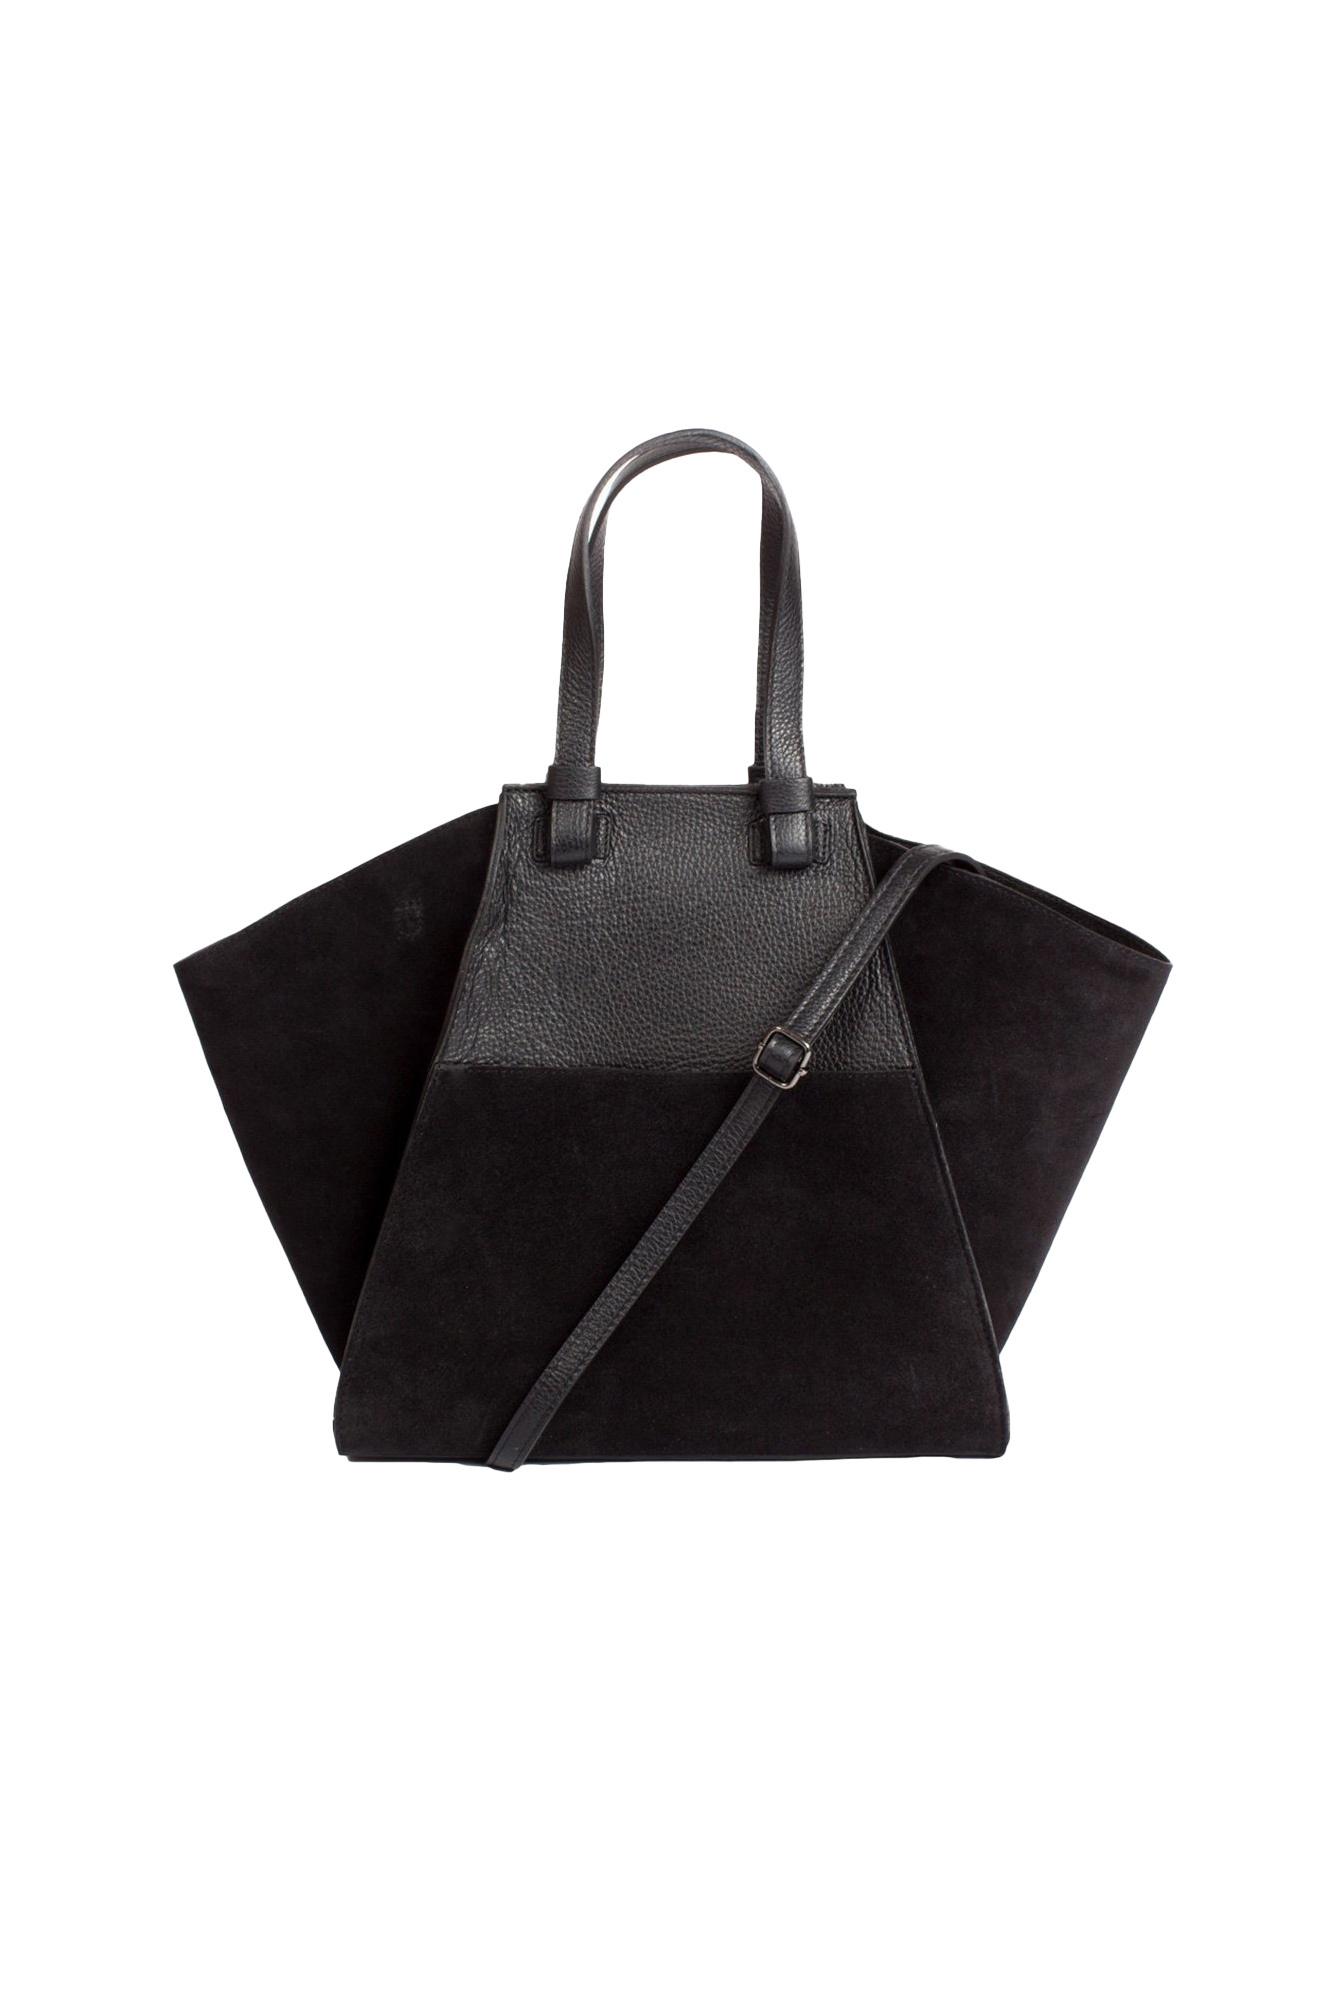 Luxury bag black